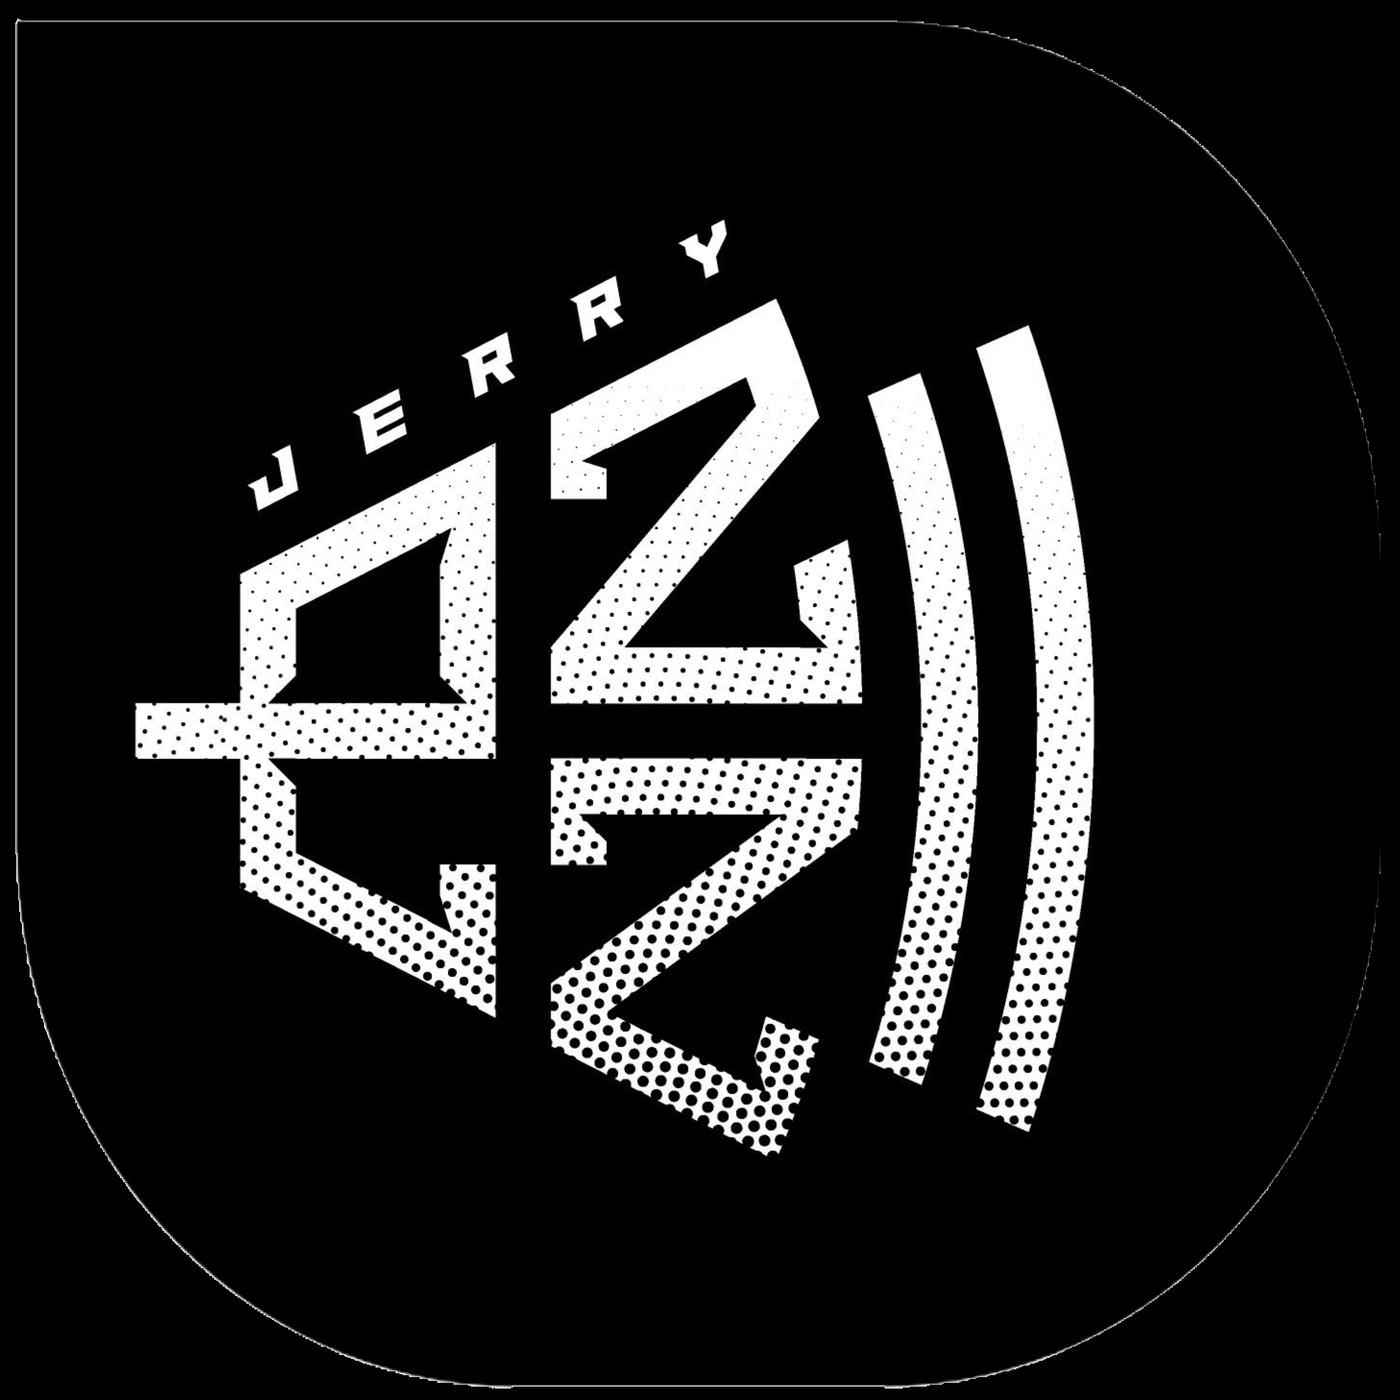 Dj Jerry Ezz